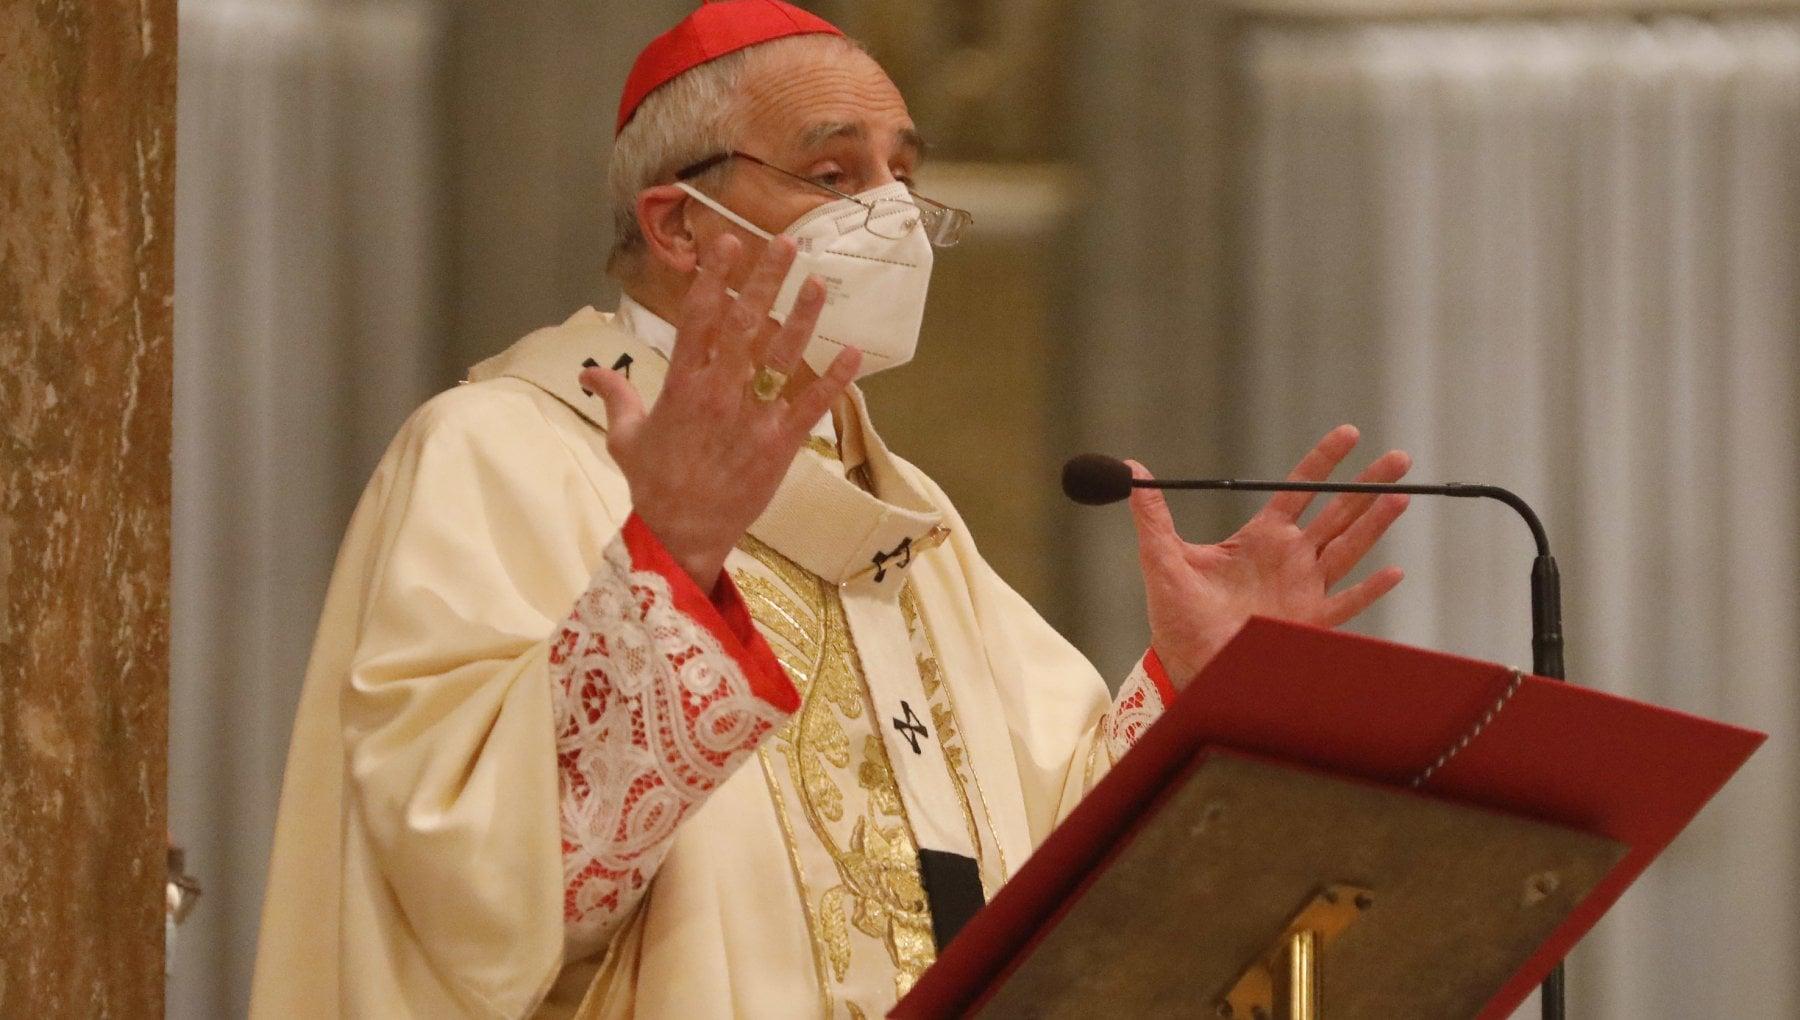 Bologna il vescovo Zuppi e positivo